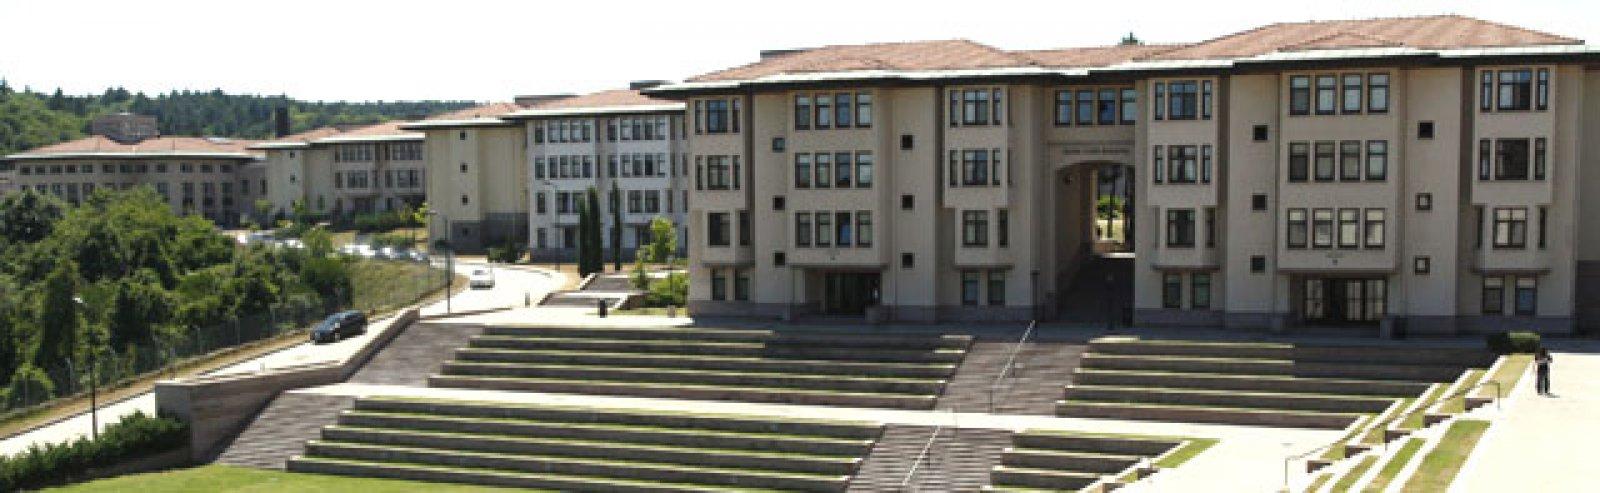 Koç Üniversitesi Batı Yurtları